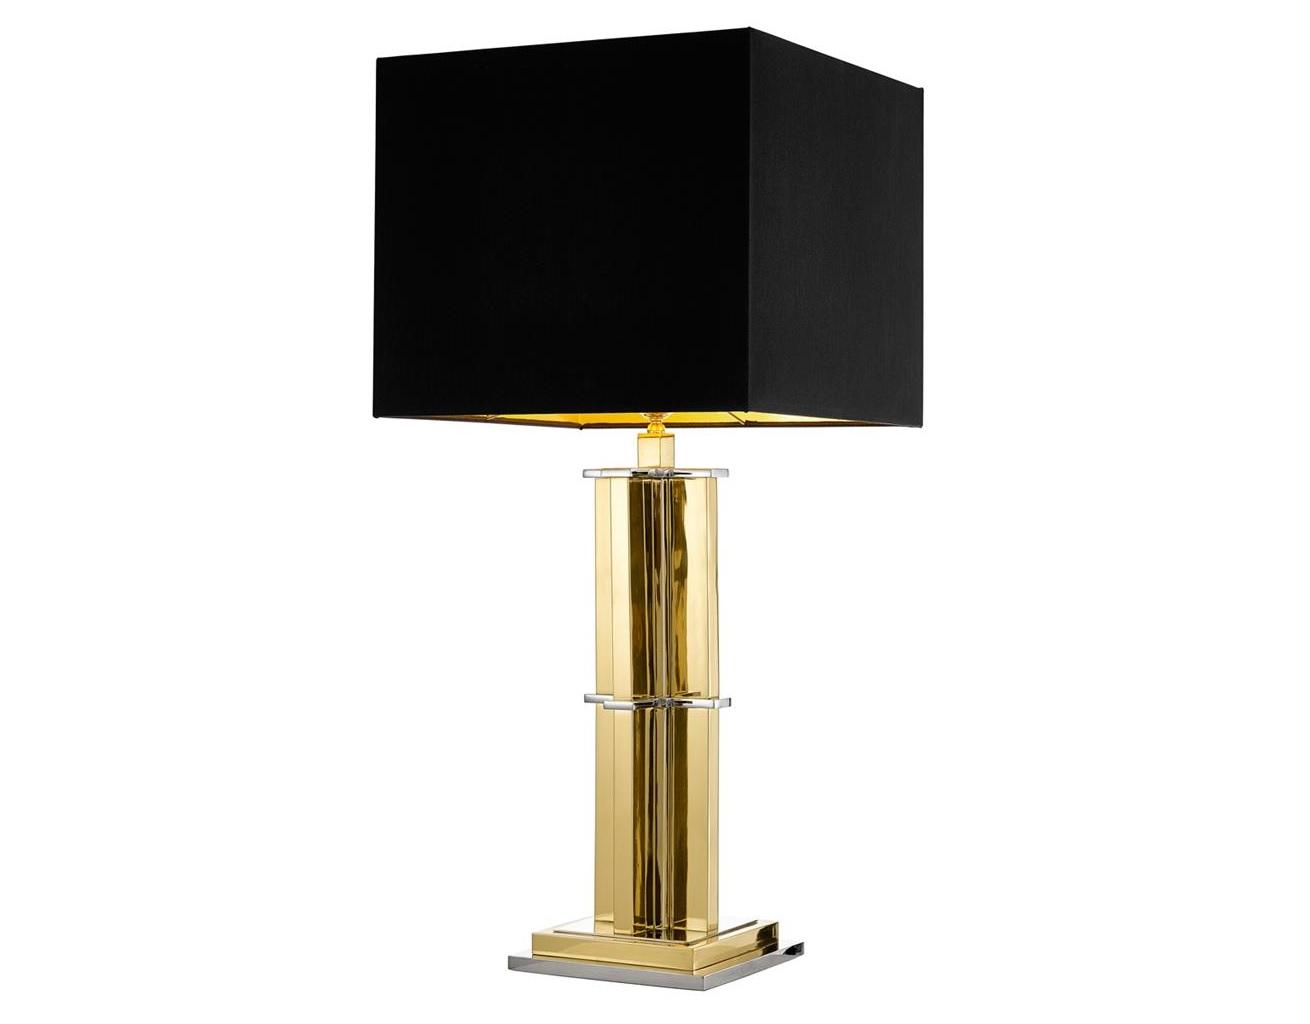 Настольная лампа Table Lamp EncoreДекоративные лампы<br>&amp;lt;div&amp;gt;Вид цоколя: E27&amp;lt;br&amp;gt;&amp;lt;/div&amp;gt;&amp;lt;div&amp;gt;&amp;lt;div&amp;gt;Мощность: 40W&amp;lt;/div&amp;gt;&amp;lt;div&amp;gt;Количество ламп: 1 (нет в комплекте)&amp;lt;/div&amp;gt;&amp;lt;/div&amp;gt;<br><br>Material: Металл<br>Width см: 35<br>Depth см: 35<br>Height см: 77